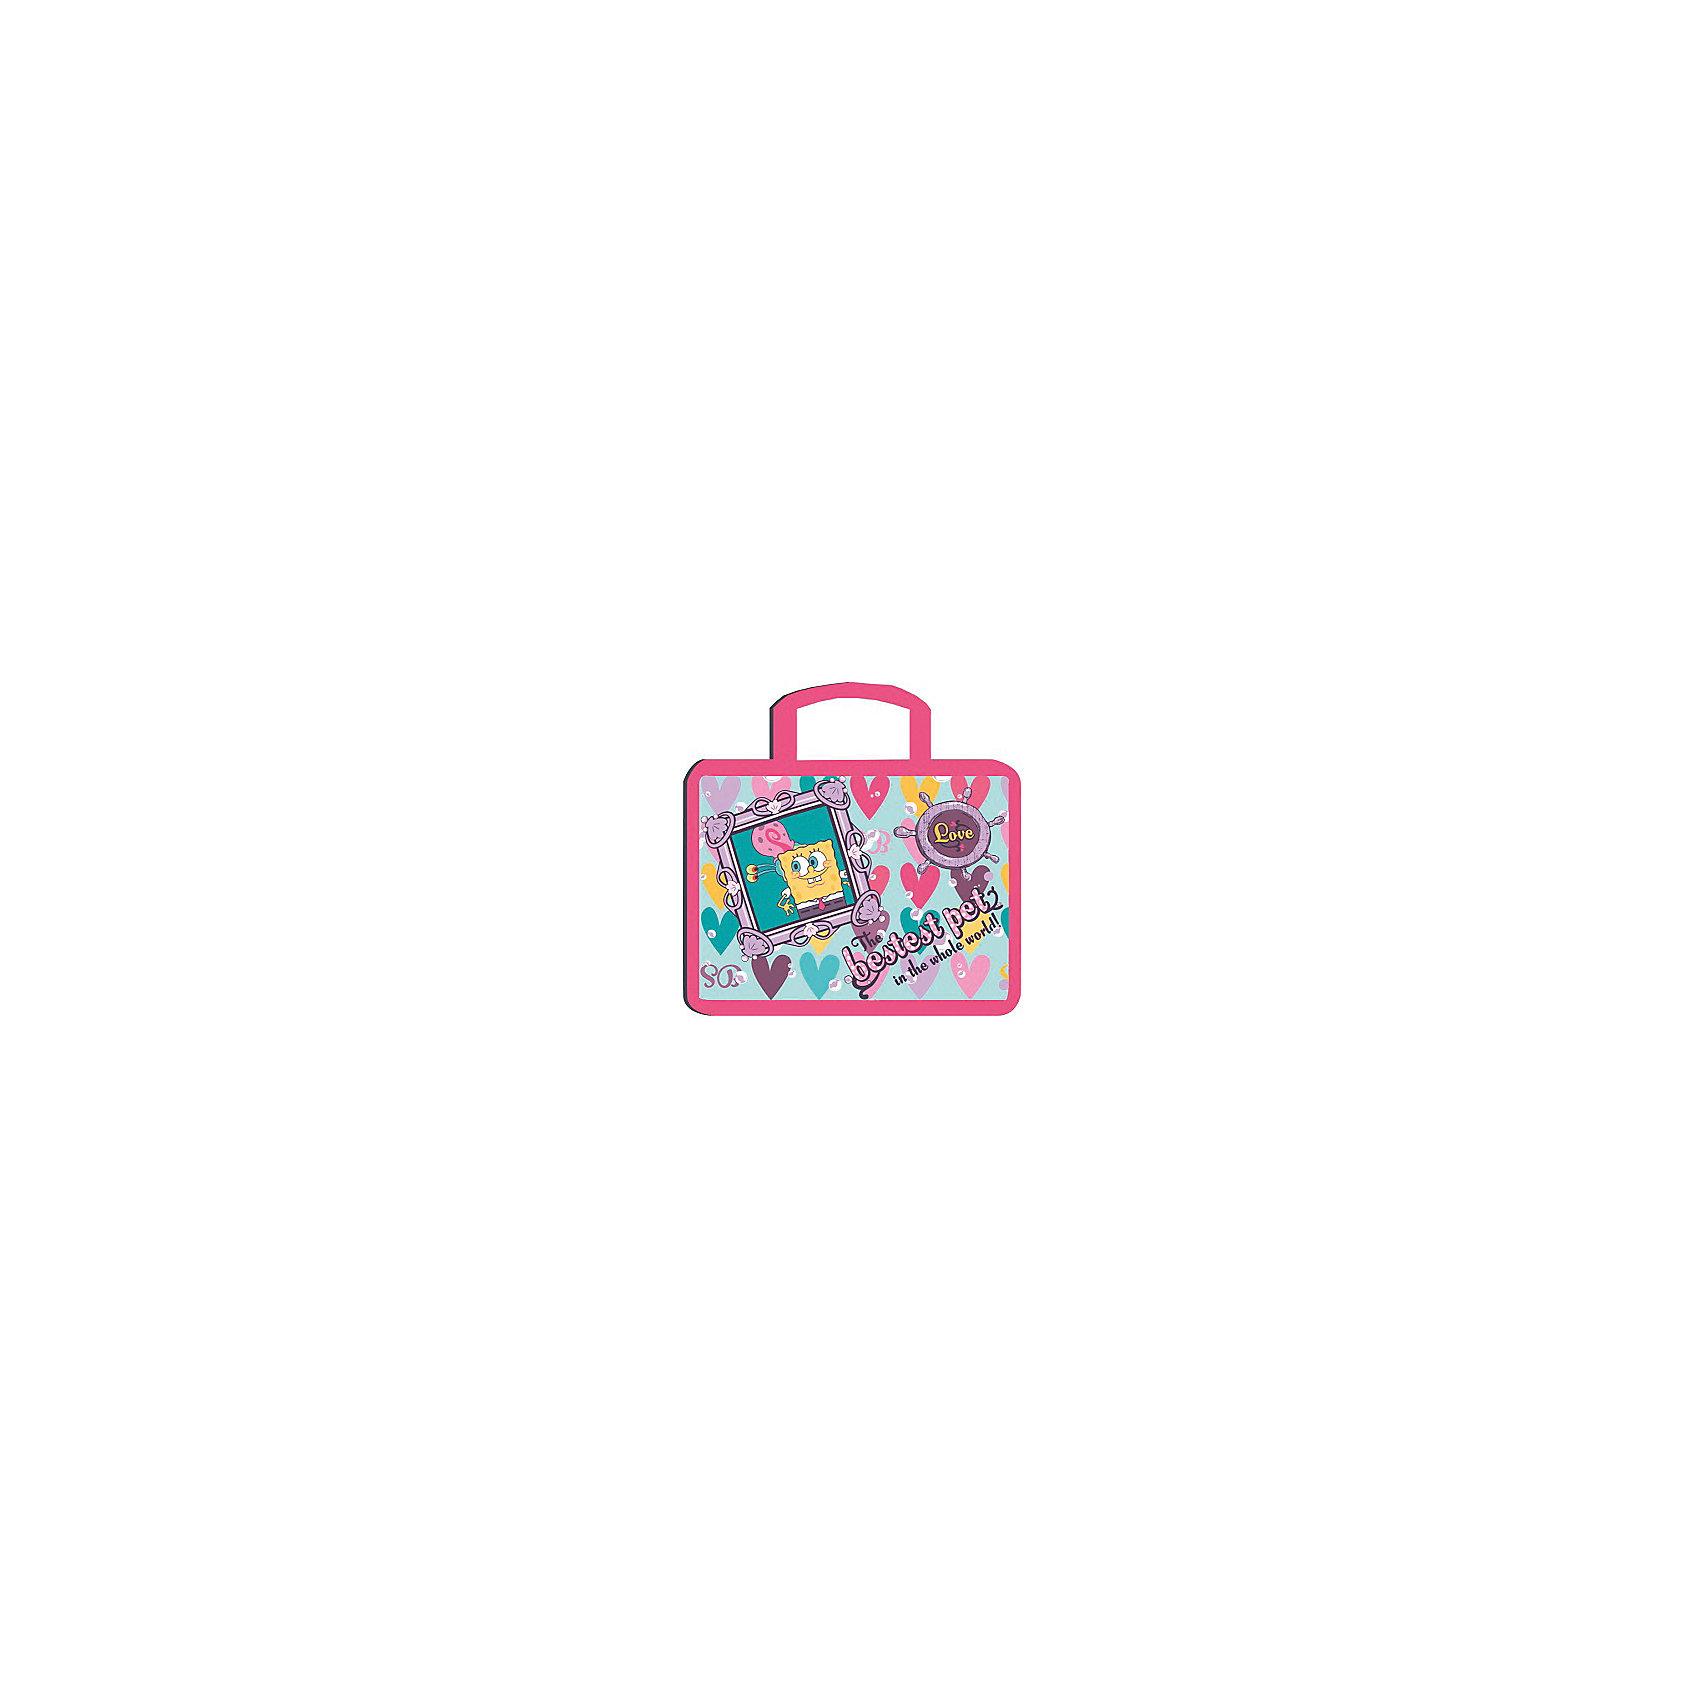 Текстильная папка-сумка Губка Боб А4Яркая текстильная папка-сумка Губка Боб станет лучшим спутником Вашего ребенка на занятиях. В ней удобно носить канцелярские принадлежности, альбом, краски, тетради. Универсальный формат А4, удобные ручки, застежка-молния и позитивный принт - идеальный вариант для маленьких непосед. <br><br>Дополнительная информация:<br>- материал: текстиль<br>- размер: 35х4х26 см (формат А4)<br>- застежка-молния<br><br>Текстильную папку-сумку Губка Боб можно купить в нашем интернет-магазине.<br><br>Ширина мм: 40<br>Глубина мм: 260<br>Высота мм: 350<br>Вес г: 160<br>Возраст от месяцев: 36<br>Возраст до месяцев: 96<br>Пол: Унисекс<br>Возраст: Детский<br>SKU: 4616079